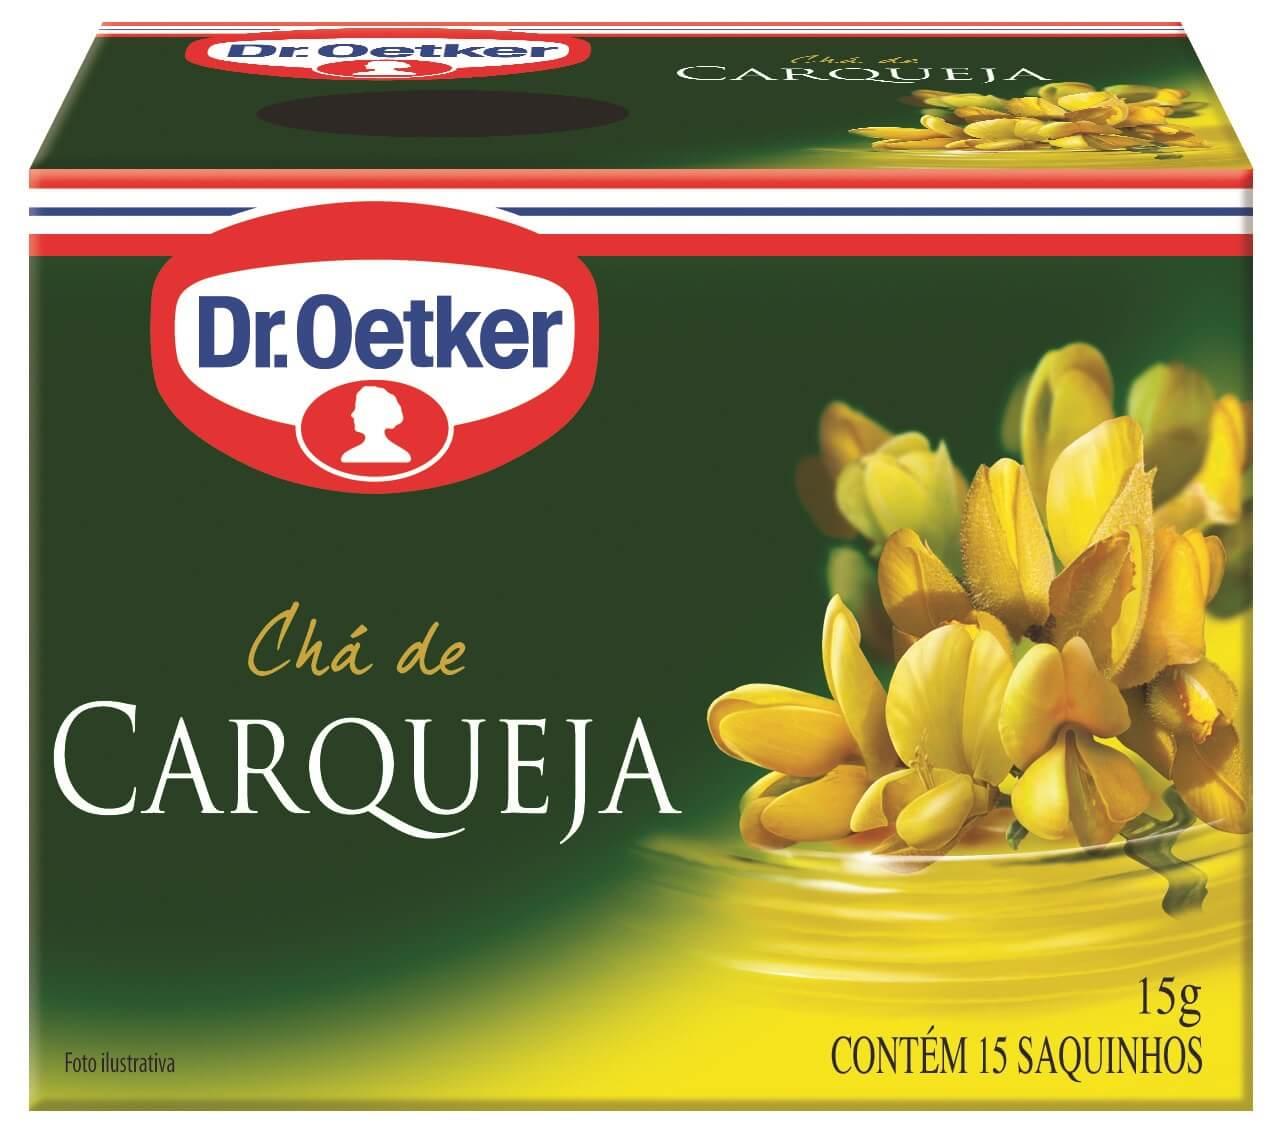 CHÁ DE CARQUEJA  - DR. OETKER - KIT 4 CAIXAS